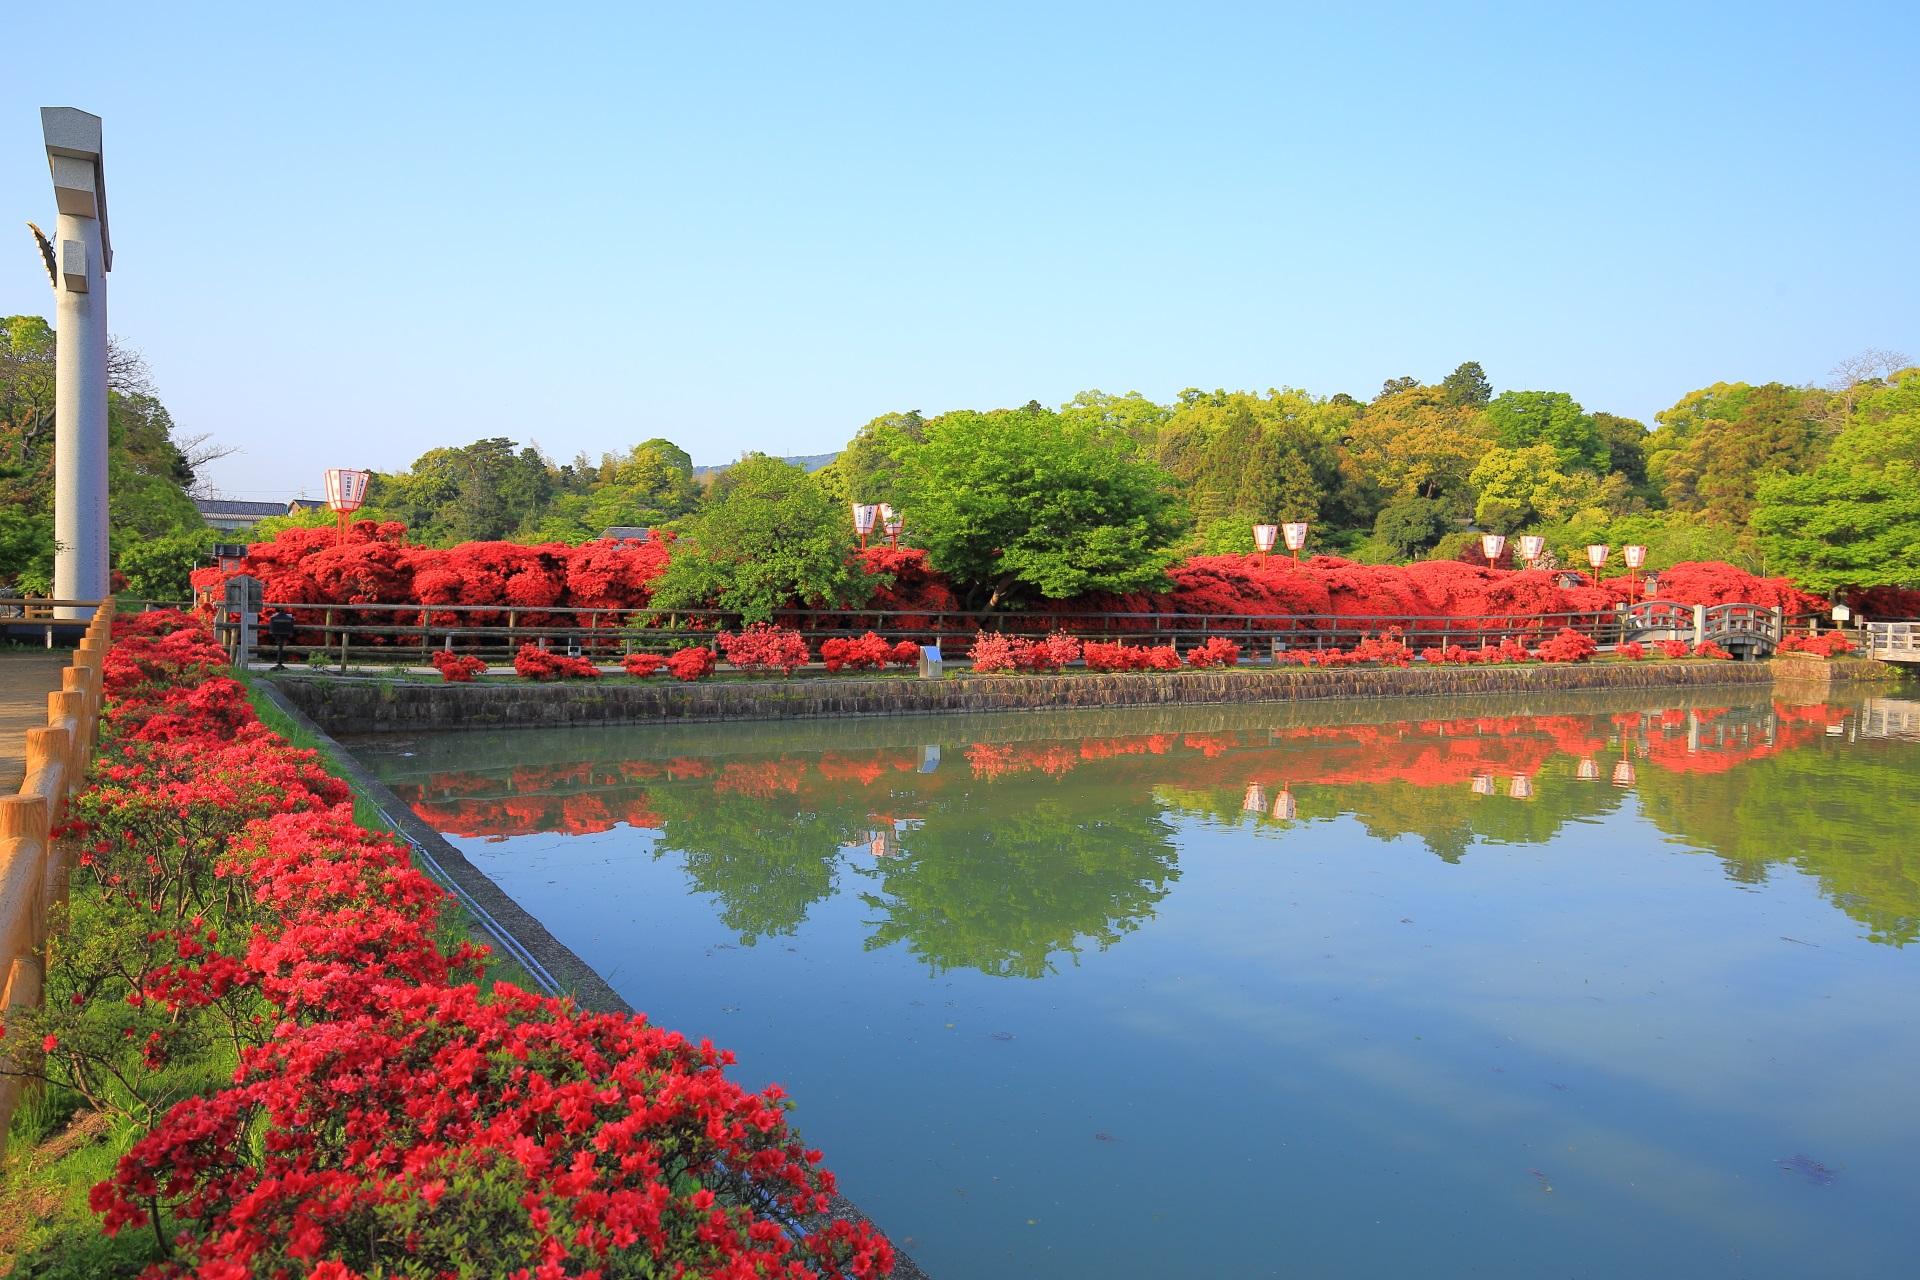 水辺を真っ赤なキリシマツツジが彩る八条が池の北側